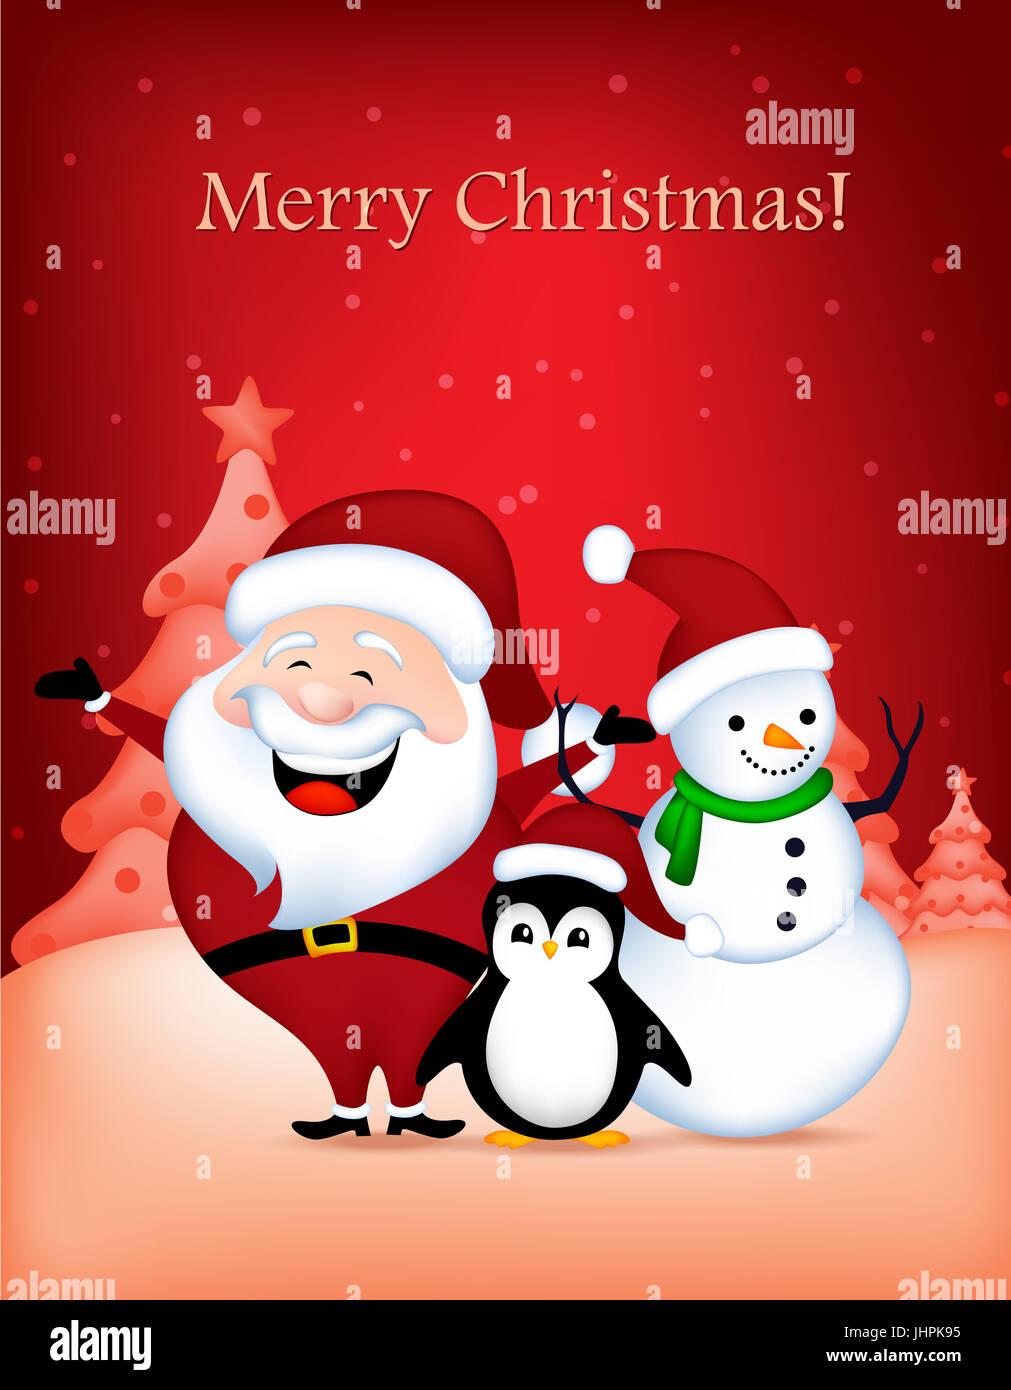 Cute santa claus snowman and penguin wishing a merry christmas stock cute santa claus snowman and penguin wishing a merry christmas greeting card m4hsunfo